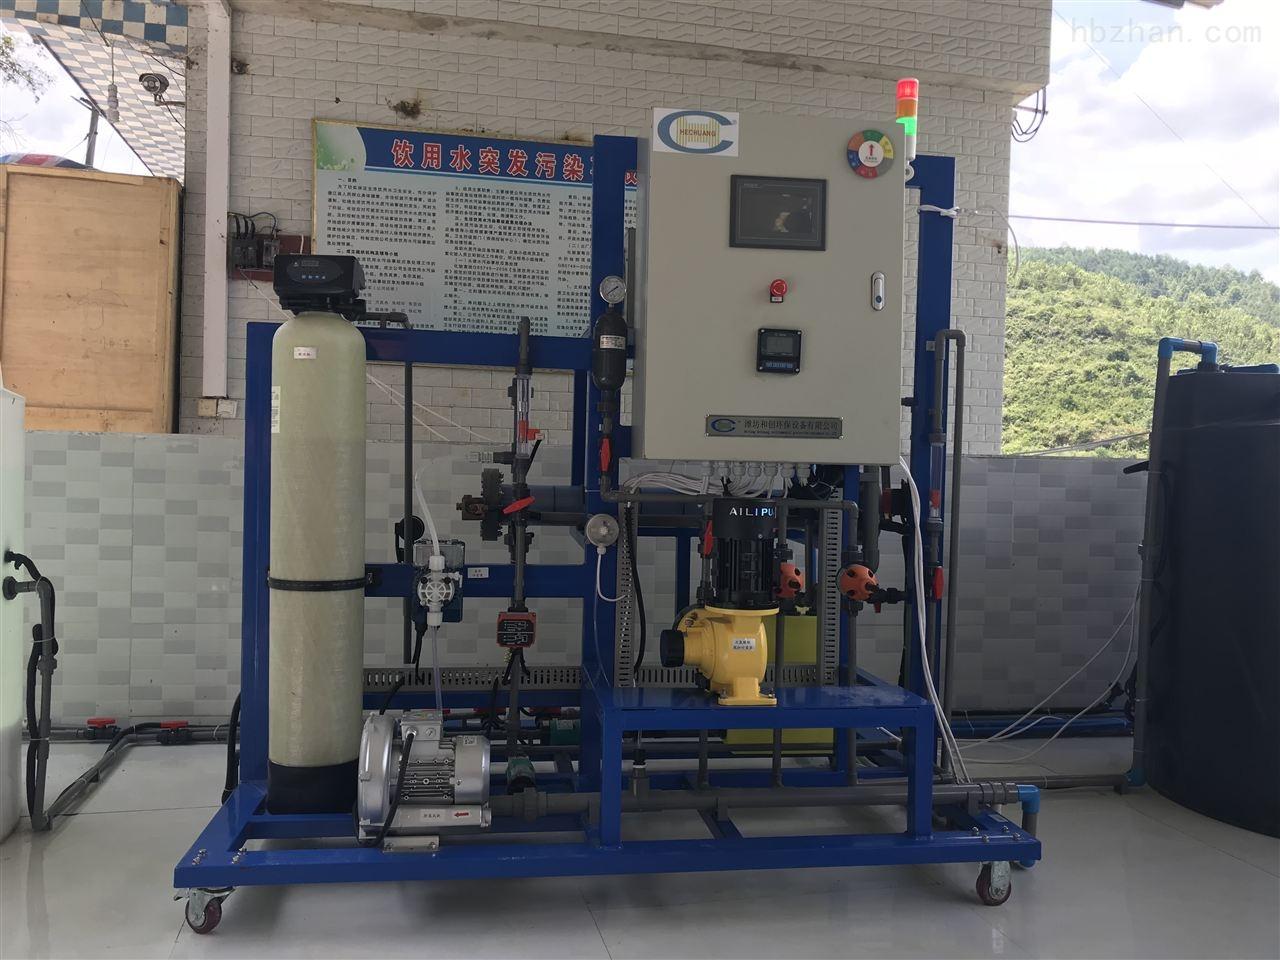 黔东区域销售电解次氯酸钠发生器生产厂